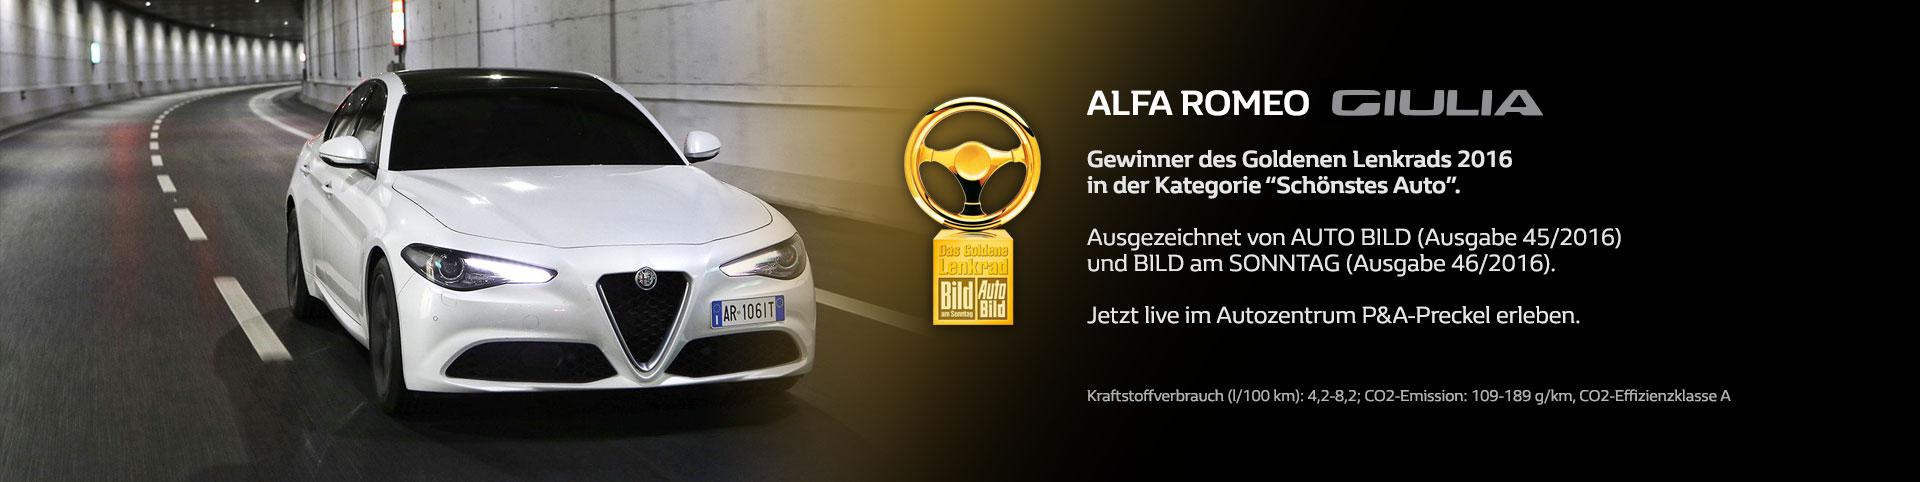 Goldenes Lenkrad Alfa Romeo Giulia